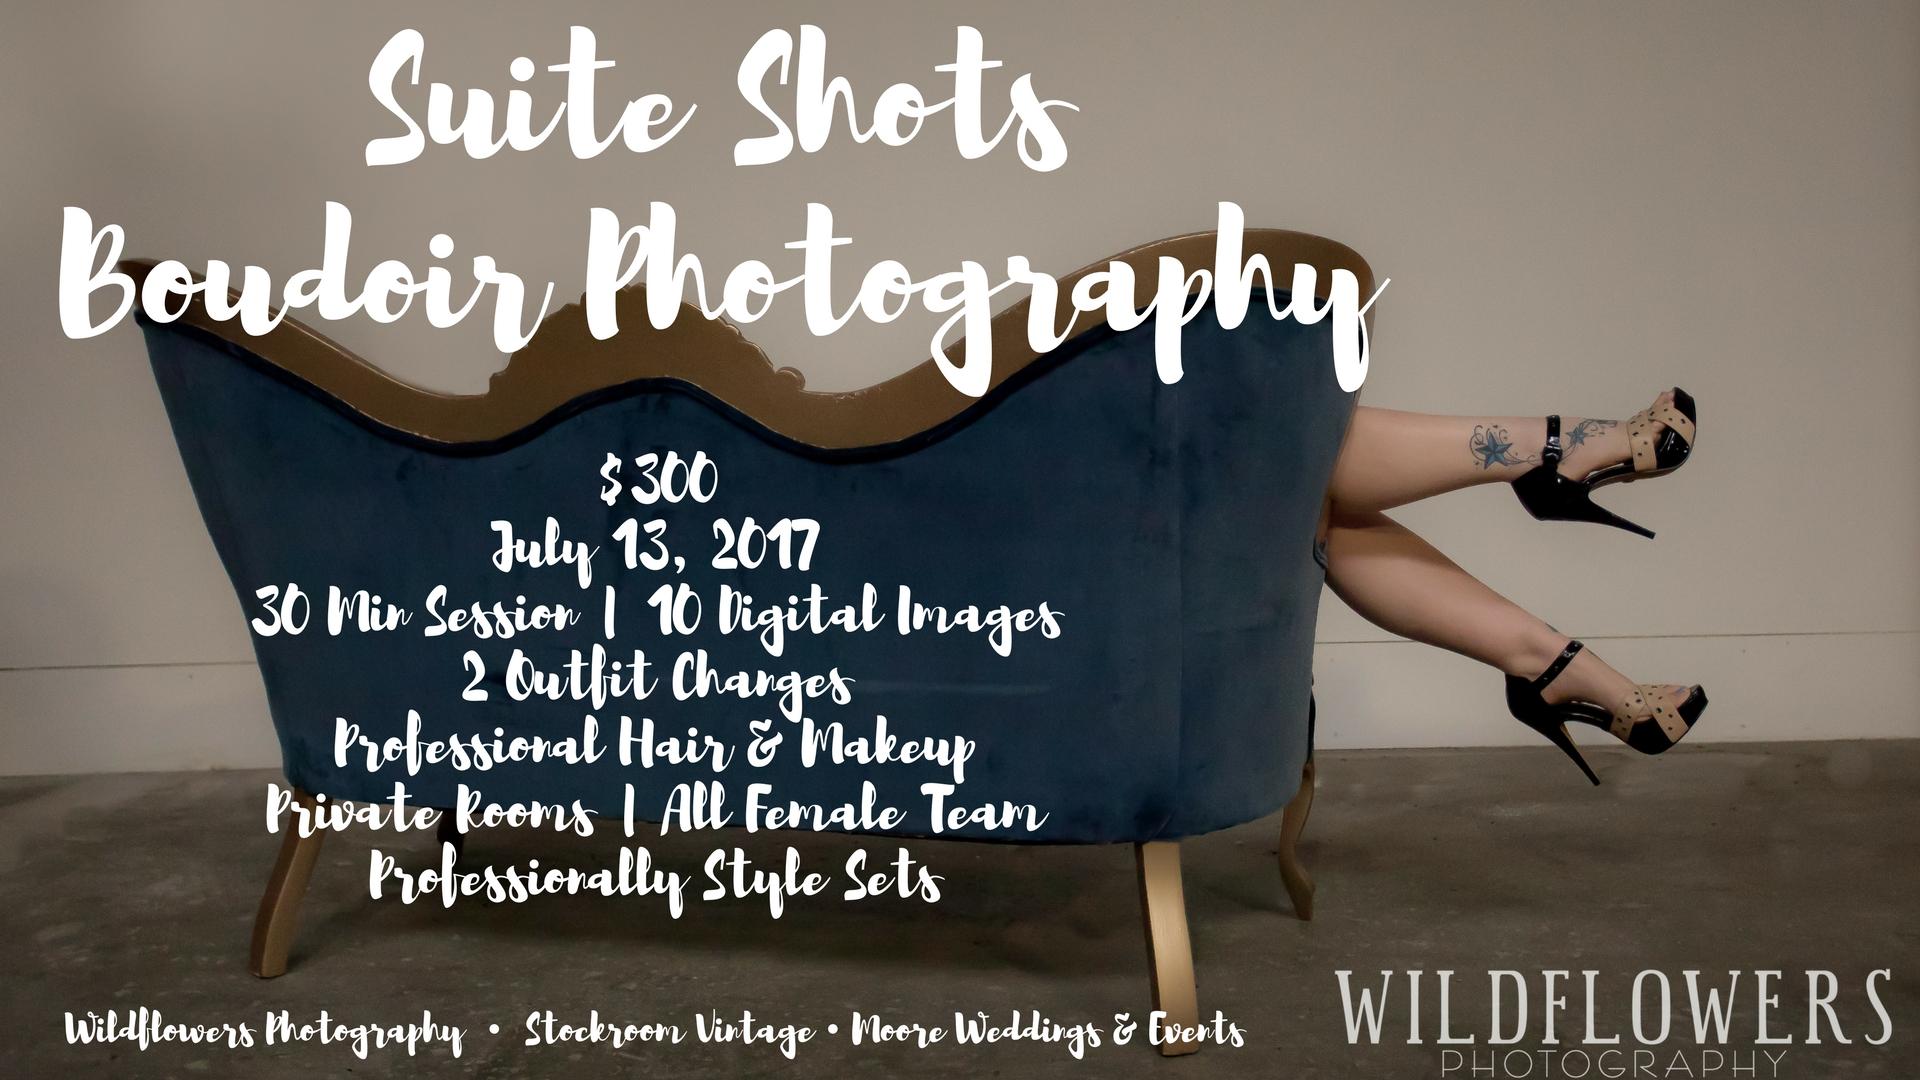 Suite Shots Date 1